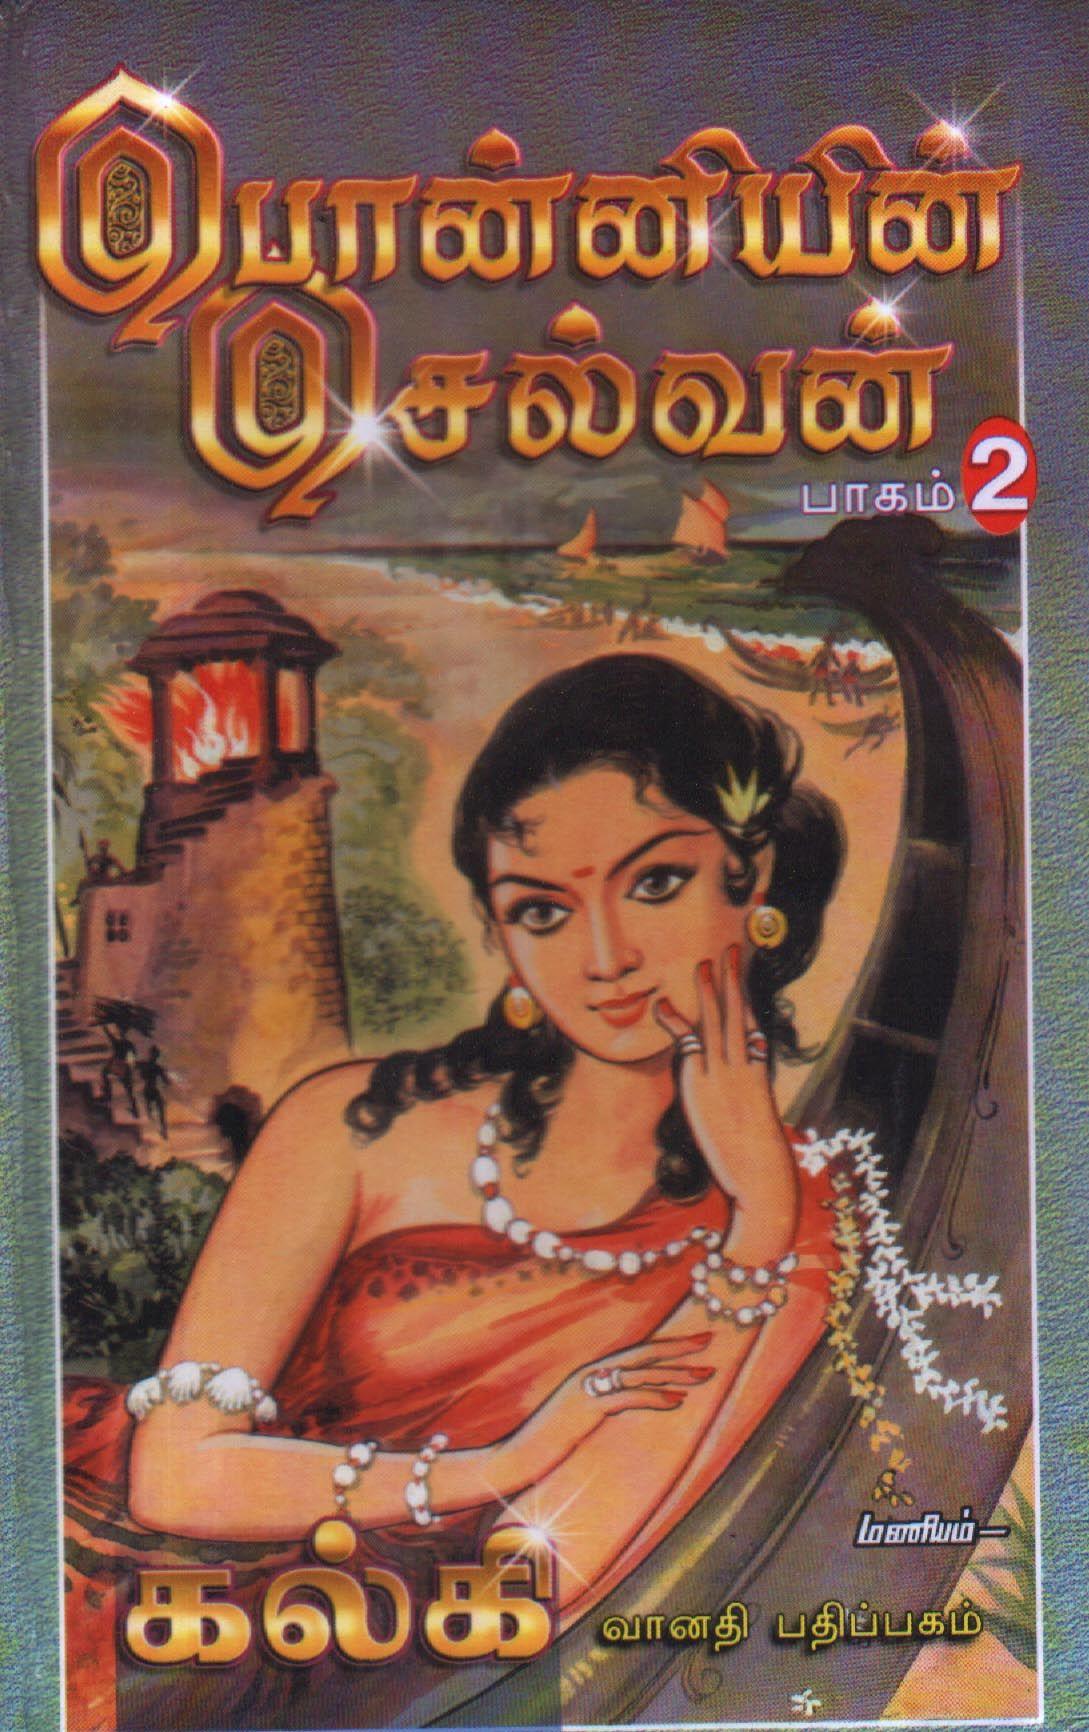 Image result for Ponniyin Selvan Poster 5 parts